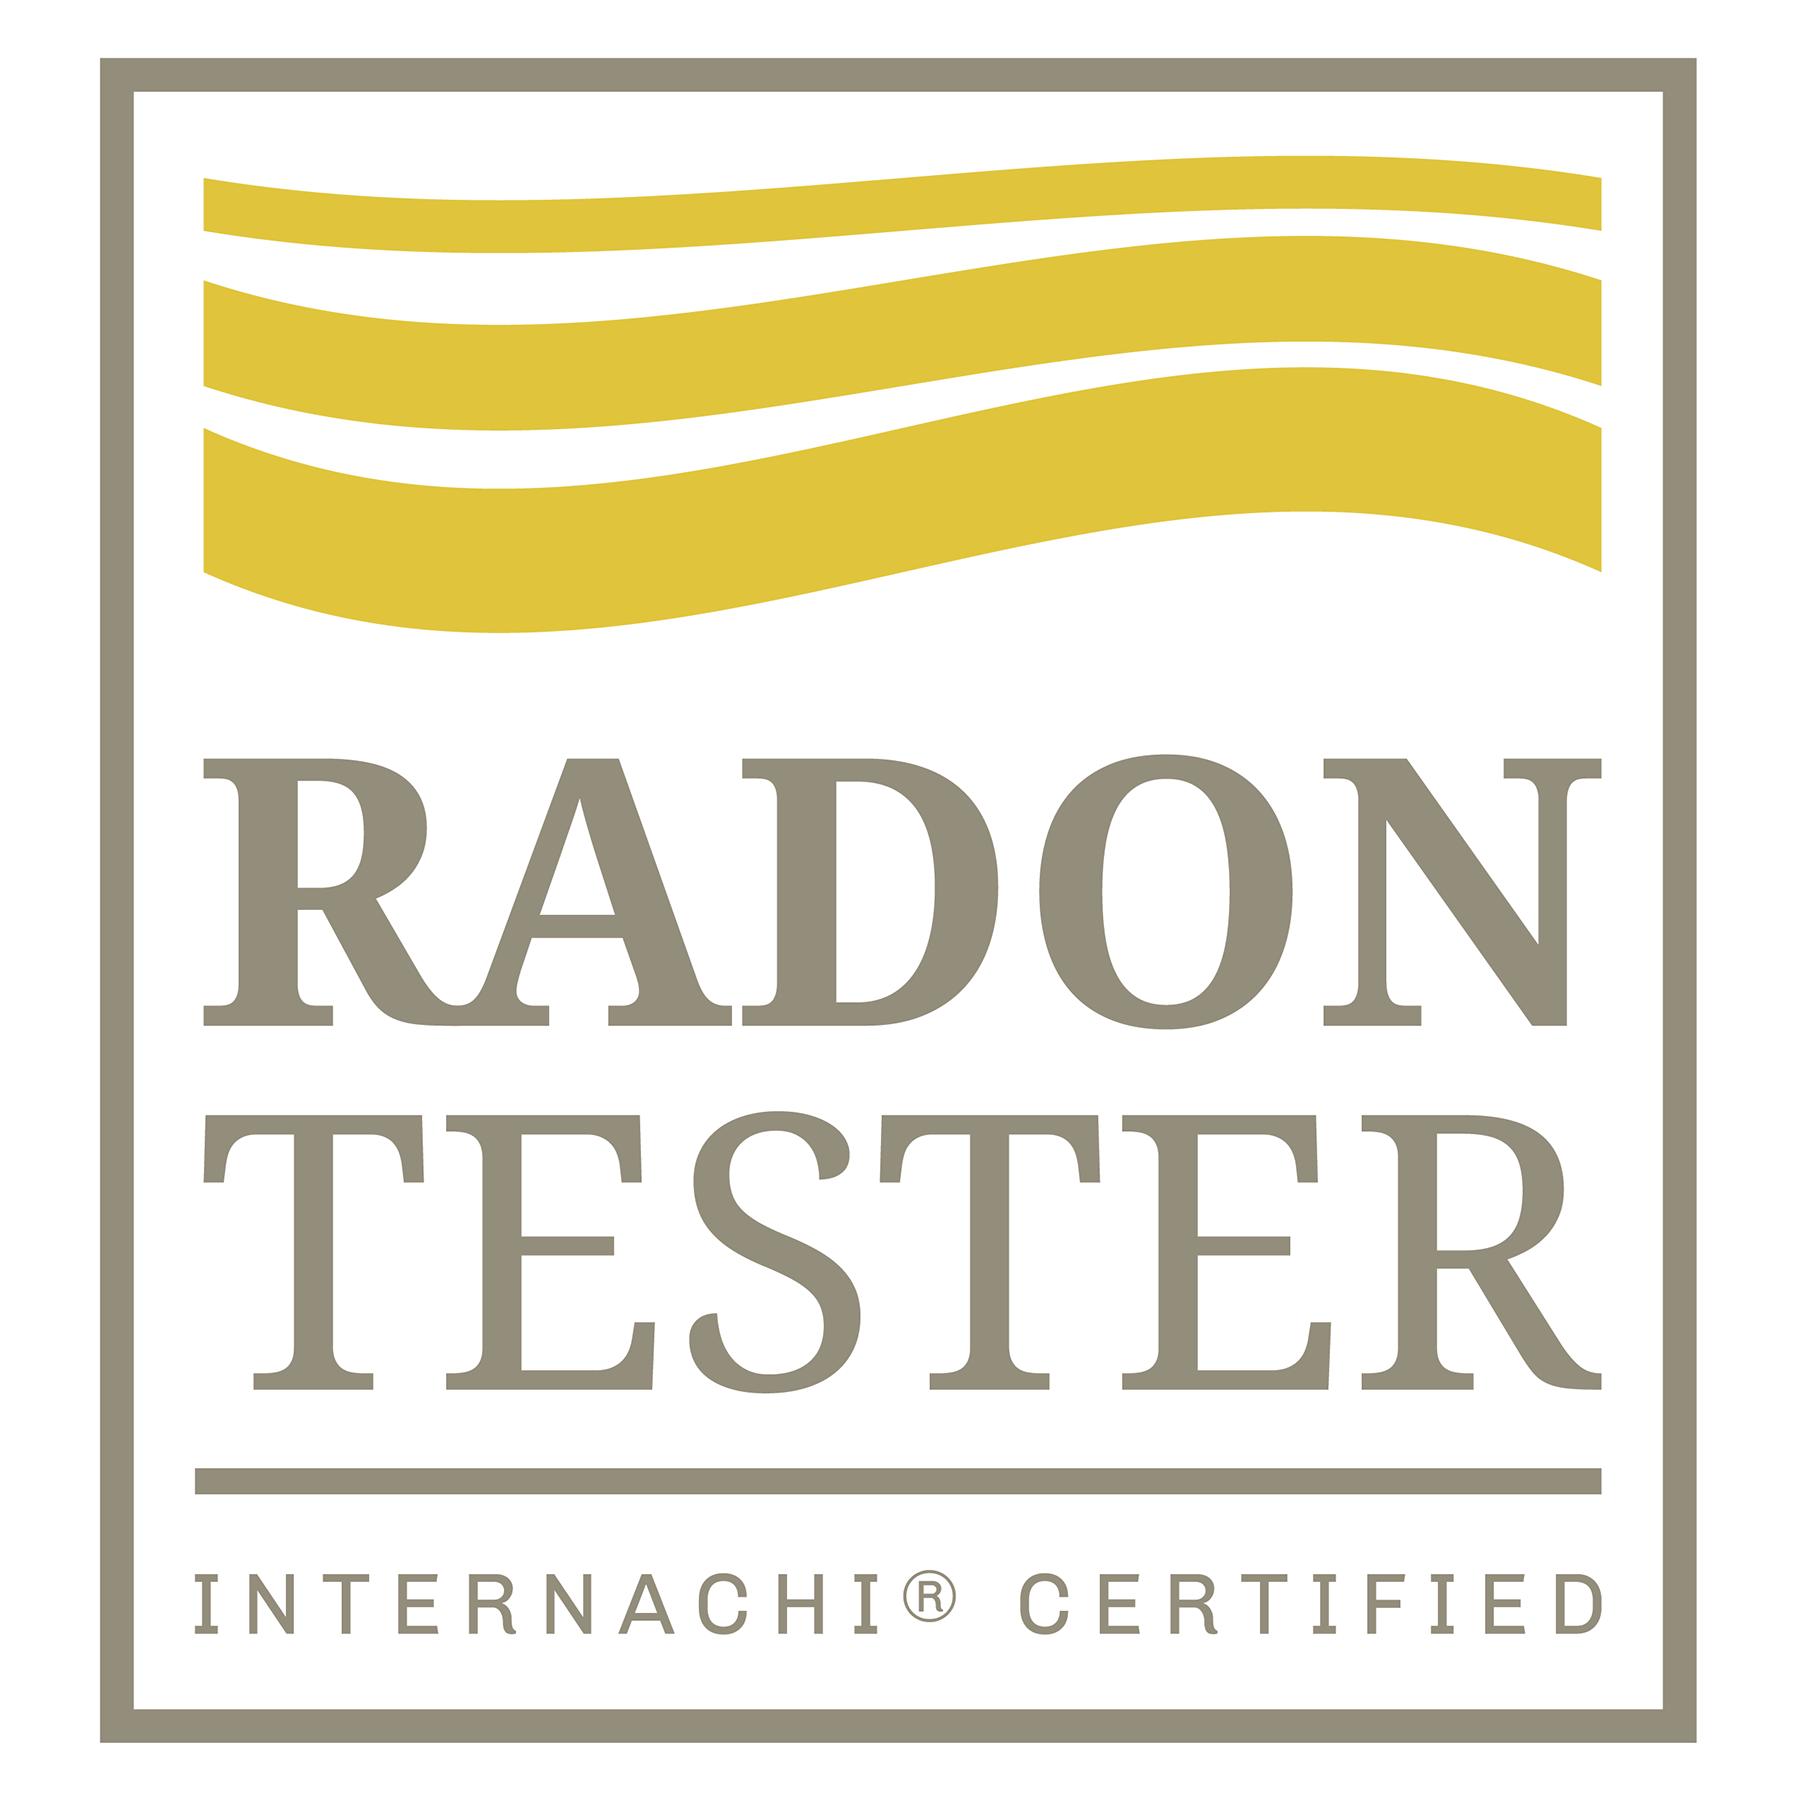 Nachi Radon